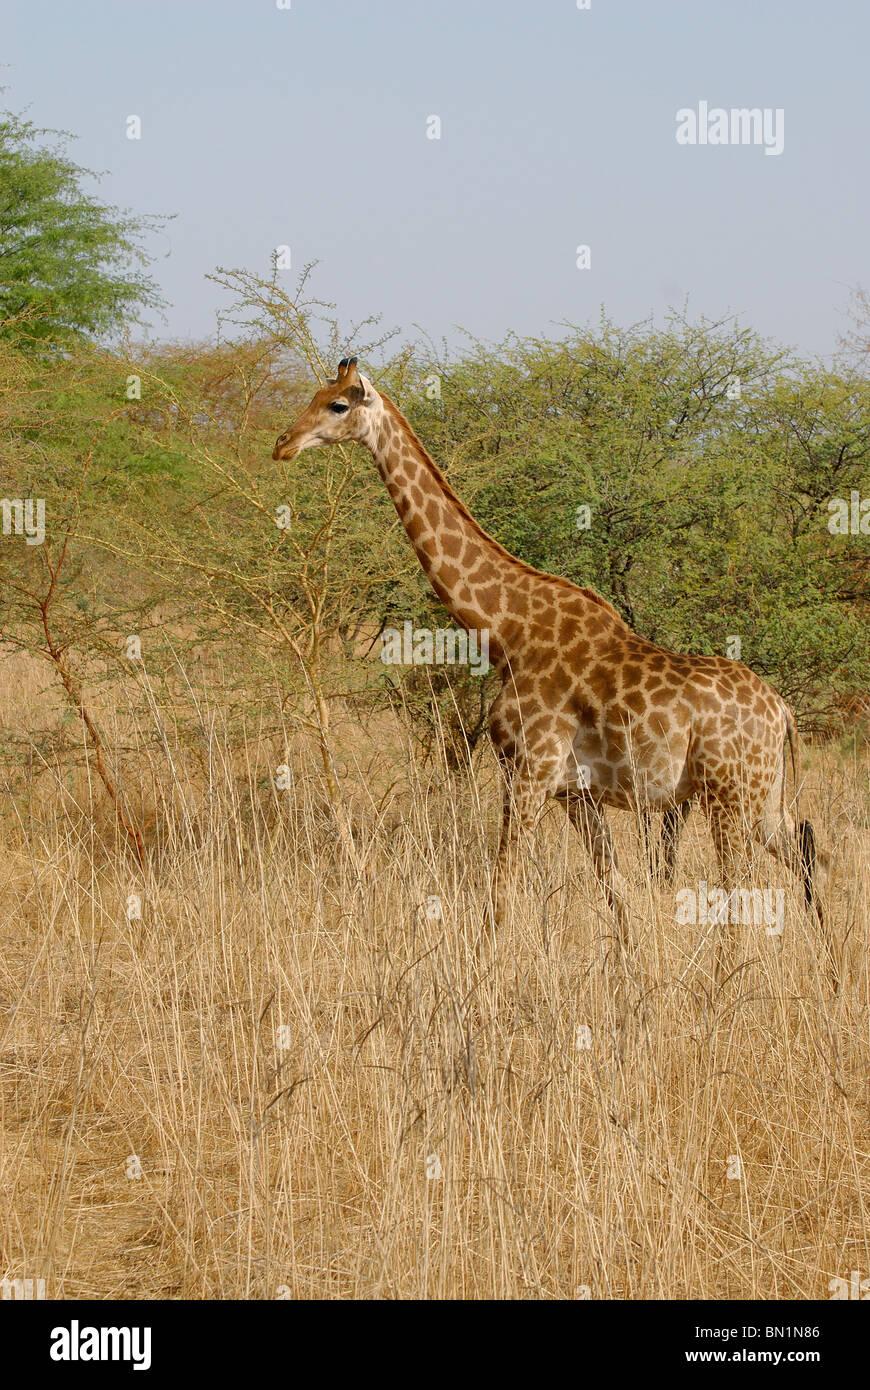 Giraffa camelopardalis, Giraffe - Stock Image